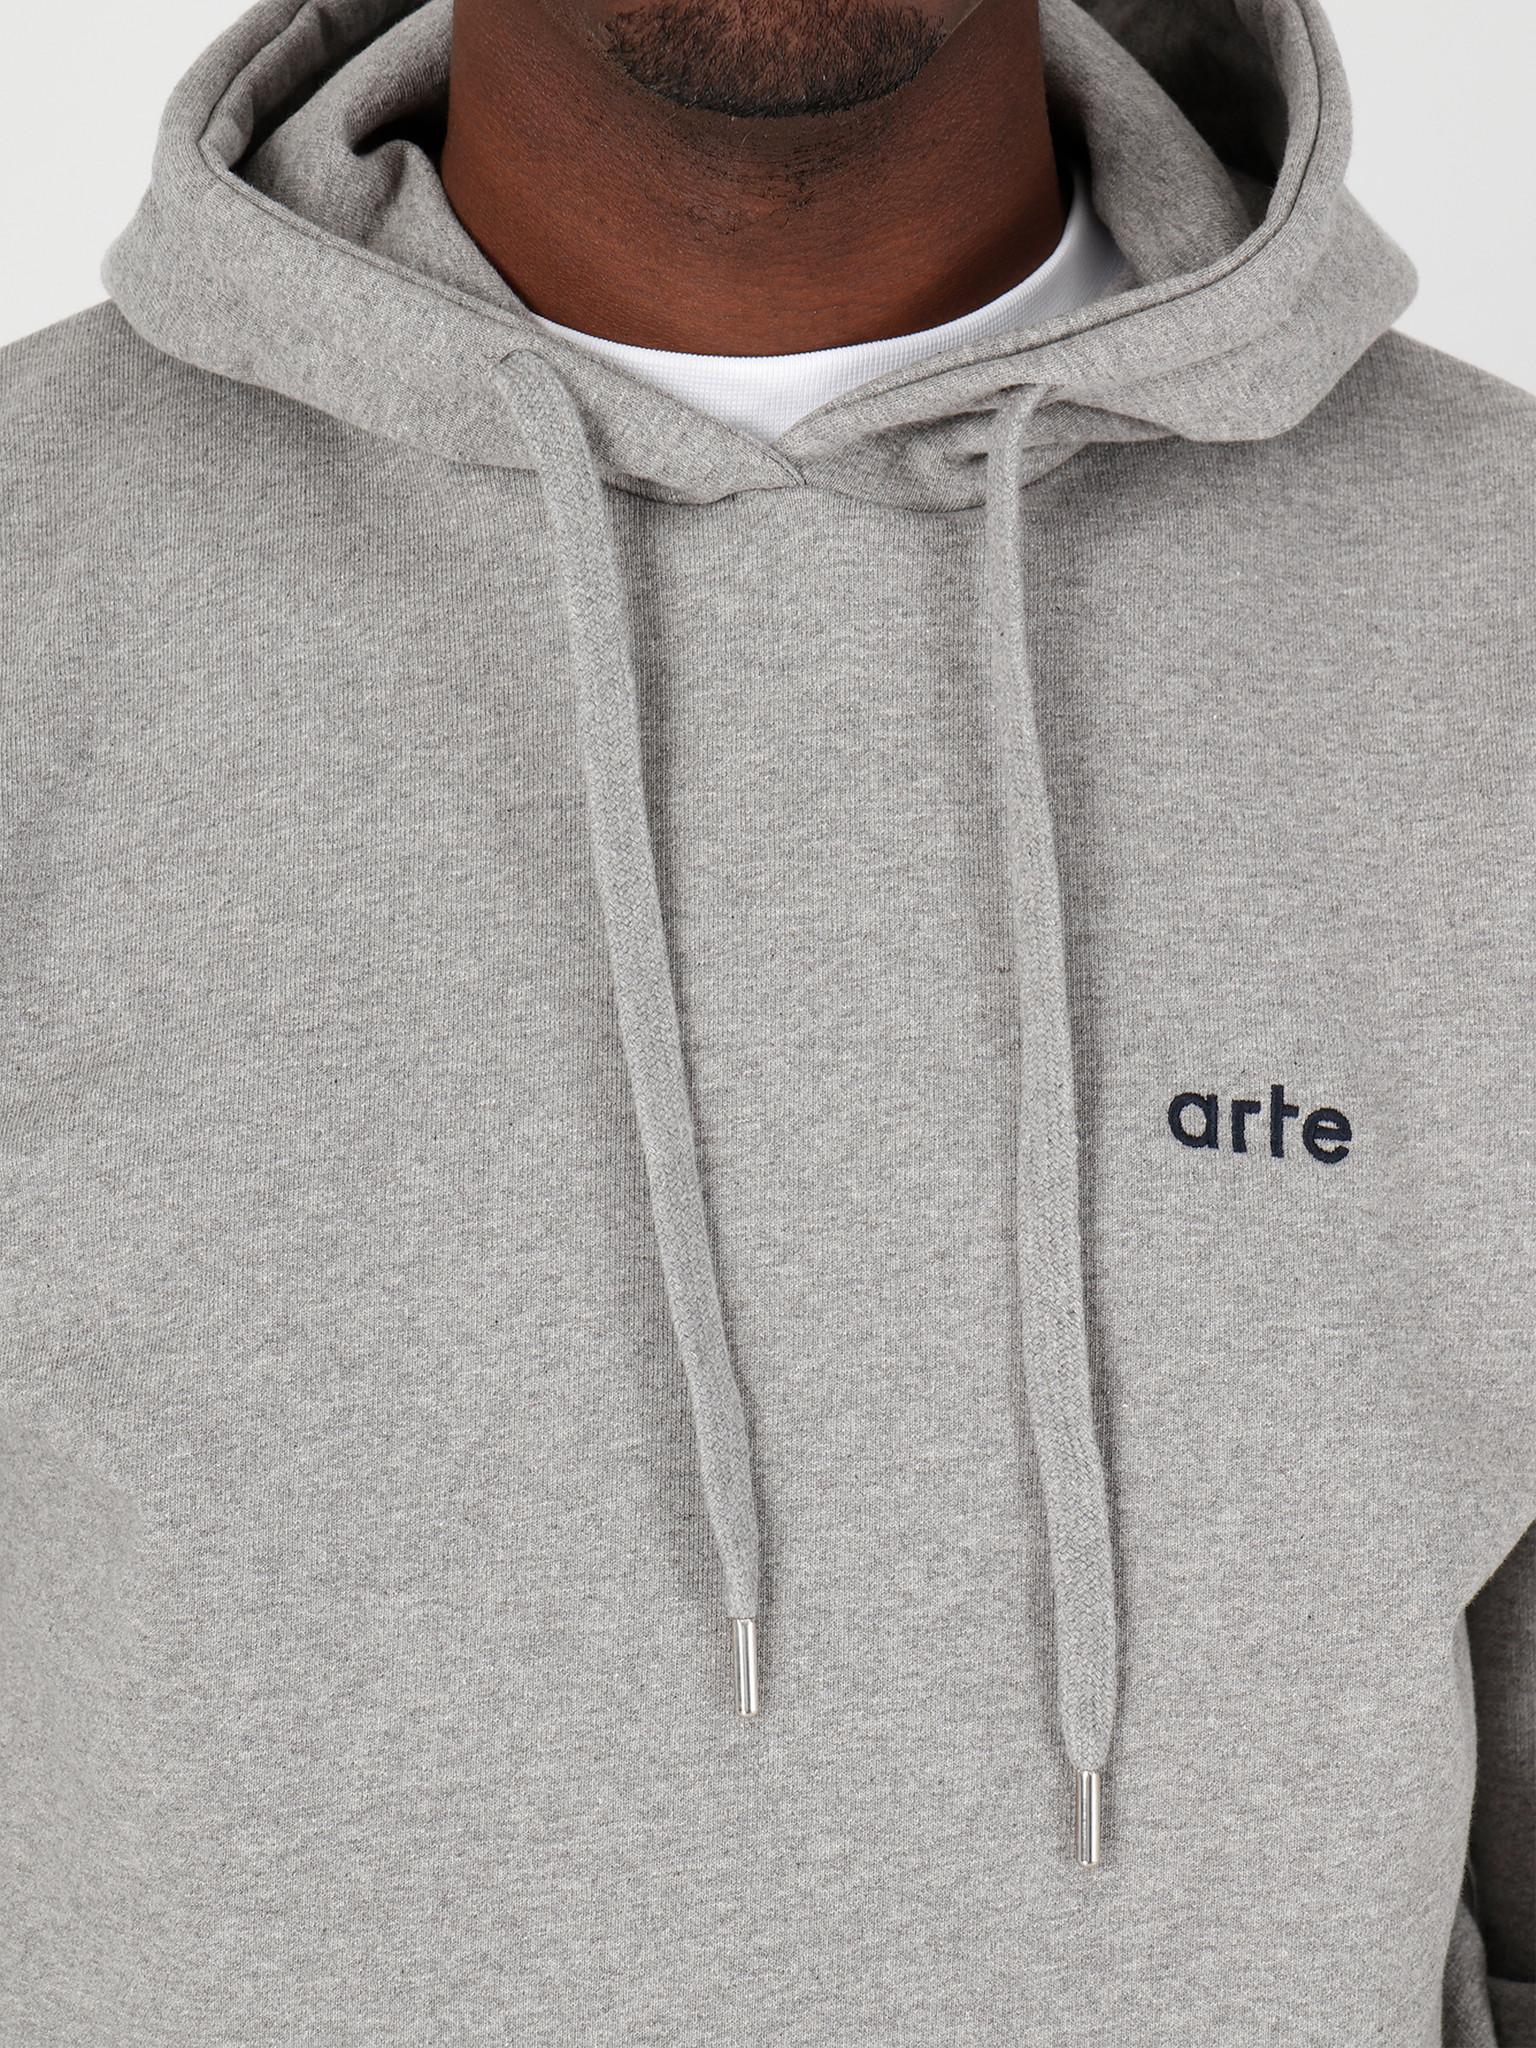 Arte Antwerp Arte Antwerp Hick Hoodie Grey SS20-026H